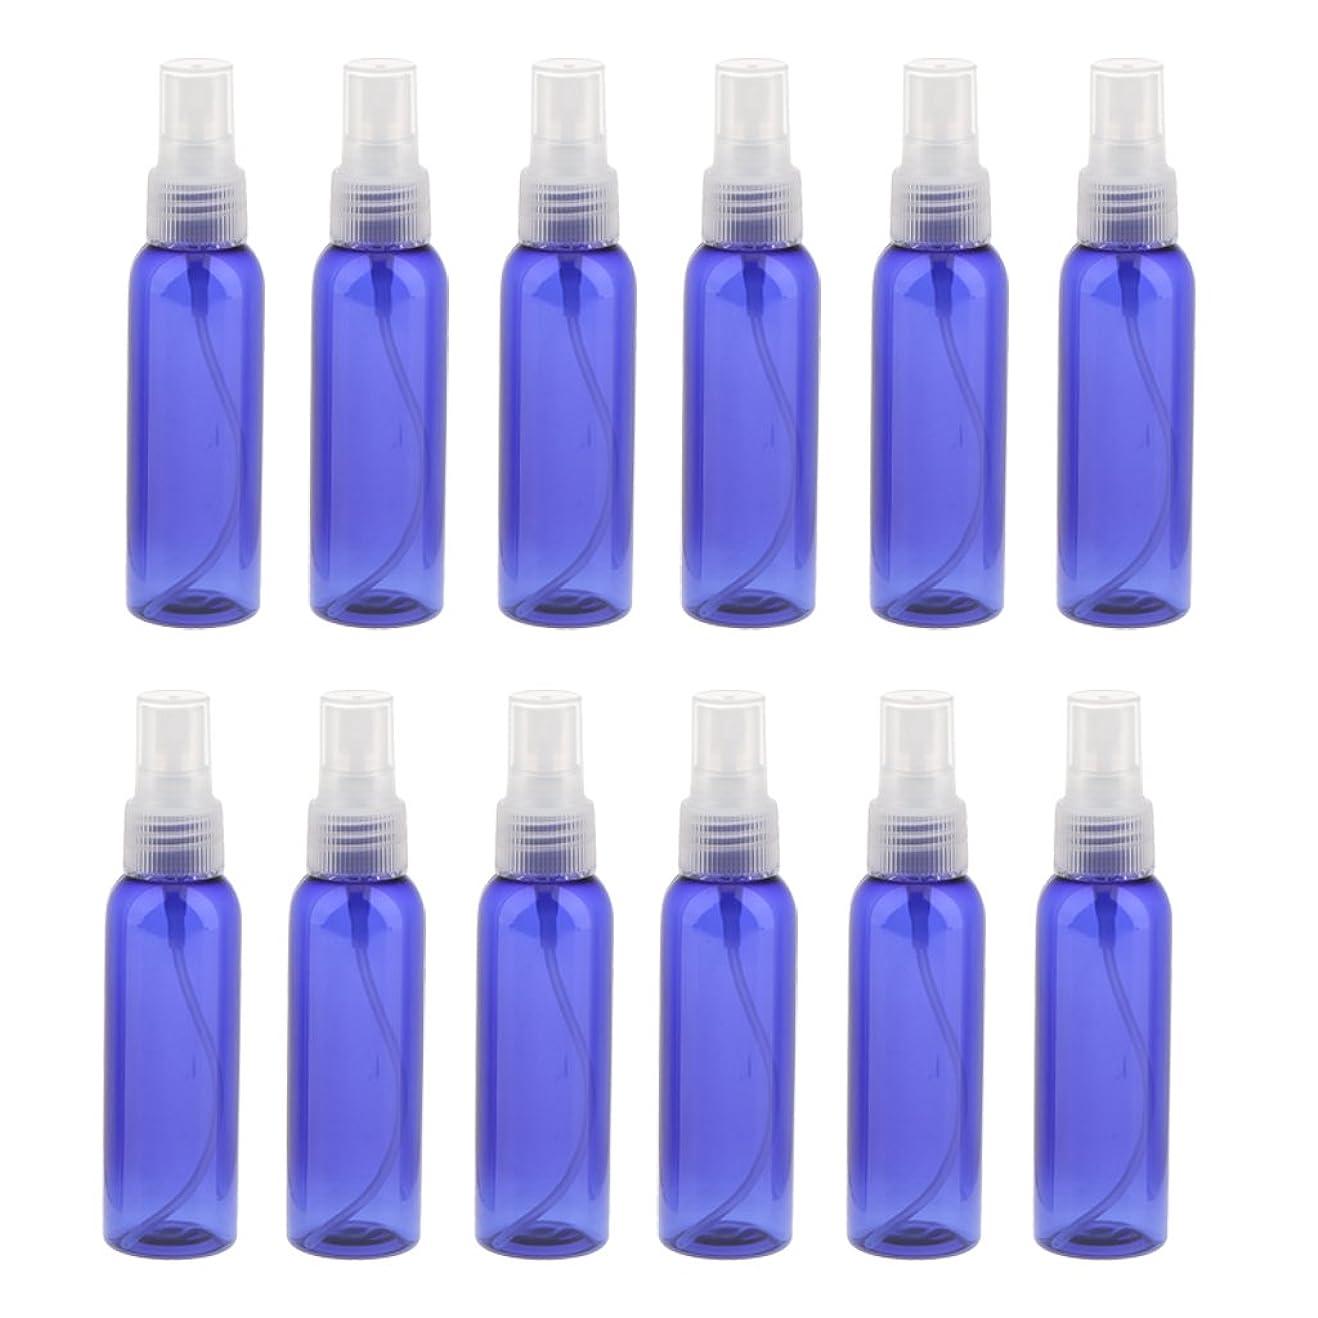 取り囲む位置づけるリースPerfk お買い得! 空 旅行用 便利 スプレーボトル 液体香水 アトマイザー 軽量 詰め替え&ポータブル 12本 60ML 全3色 - クリア